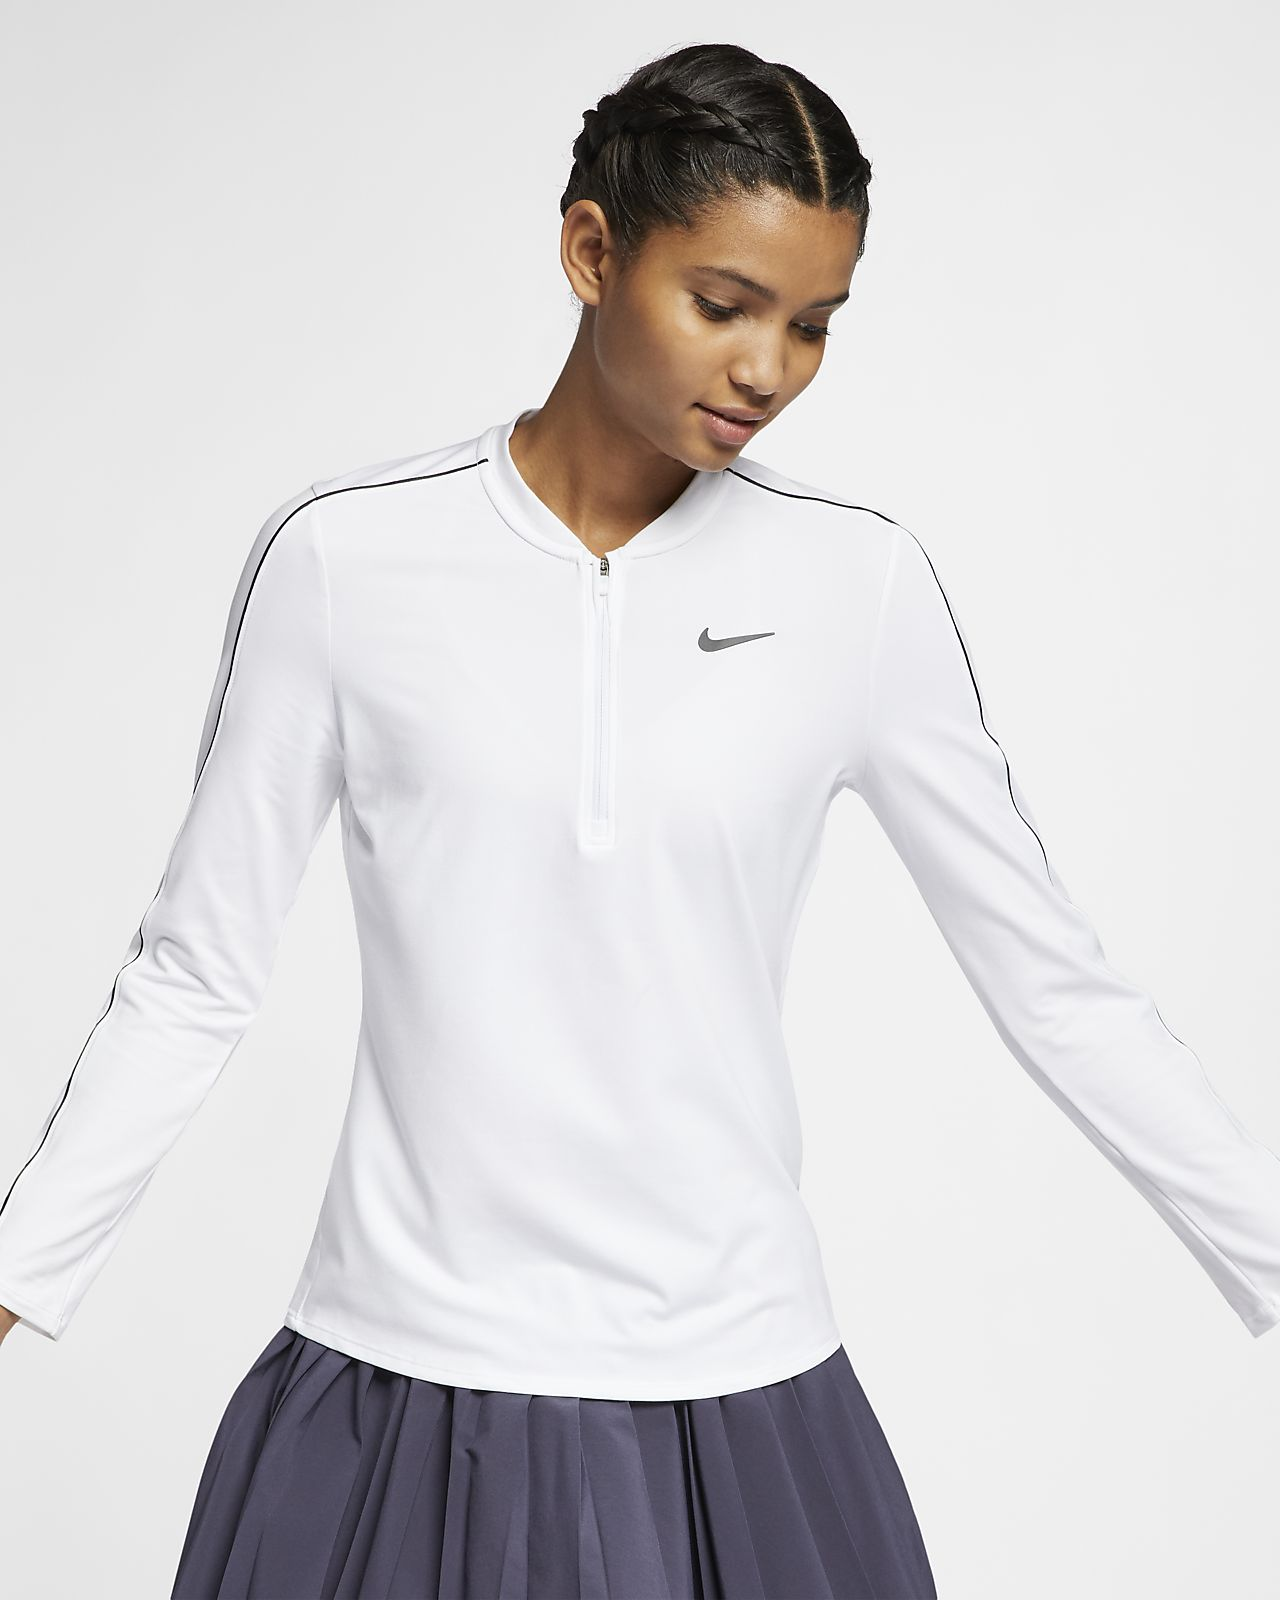 Dámský tenisový top NikeCourt Dri-FIT s polovičním zipem